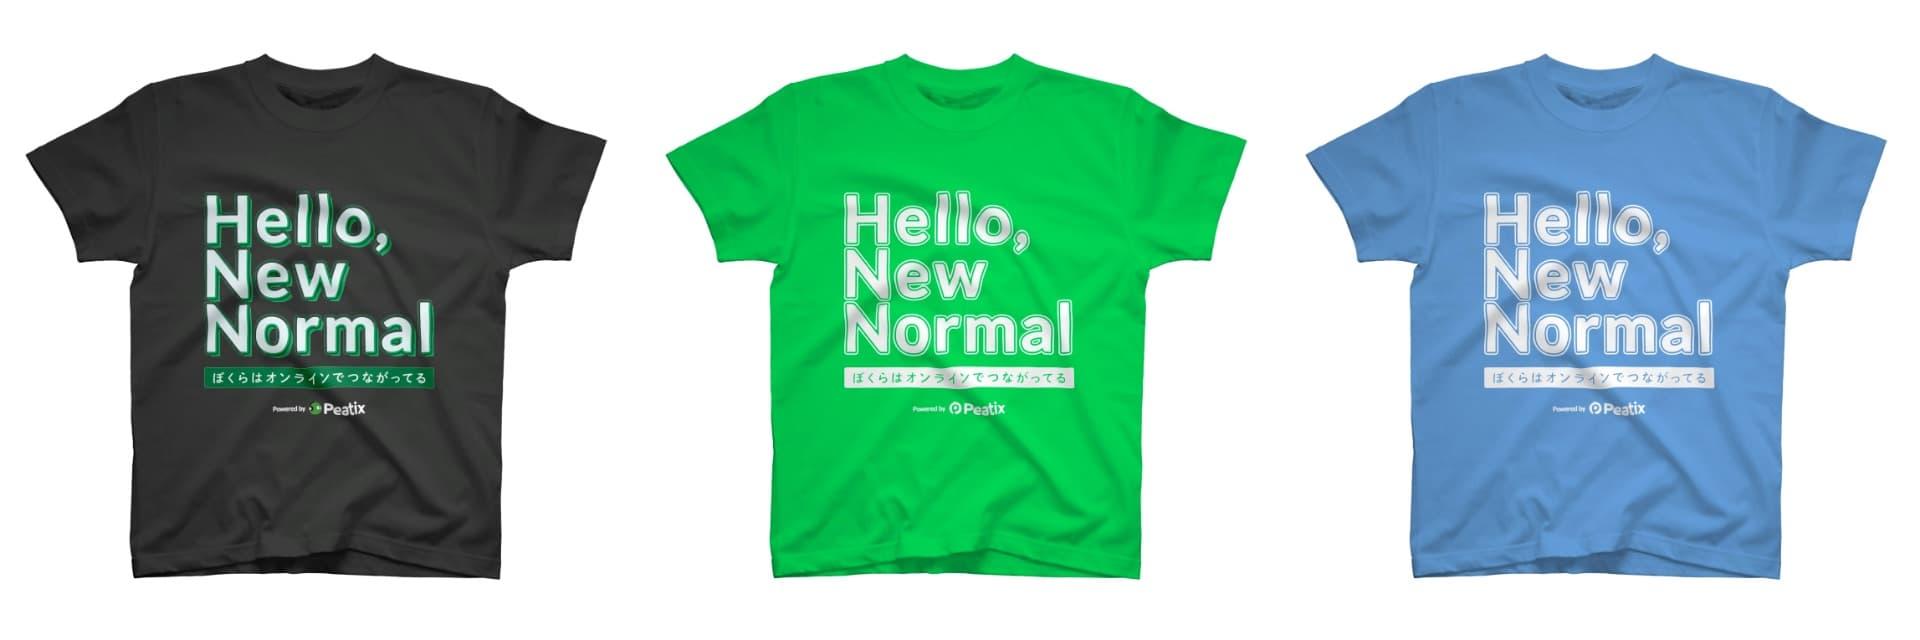 Hello, New World オリジナルTシャツデザイン ダークグレー、緑、サックスブルーの3色あります。